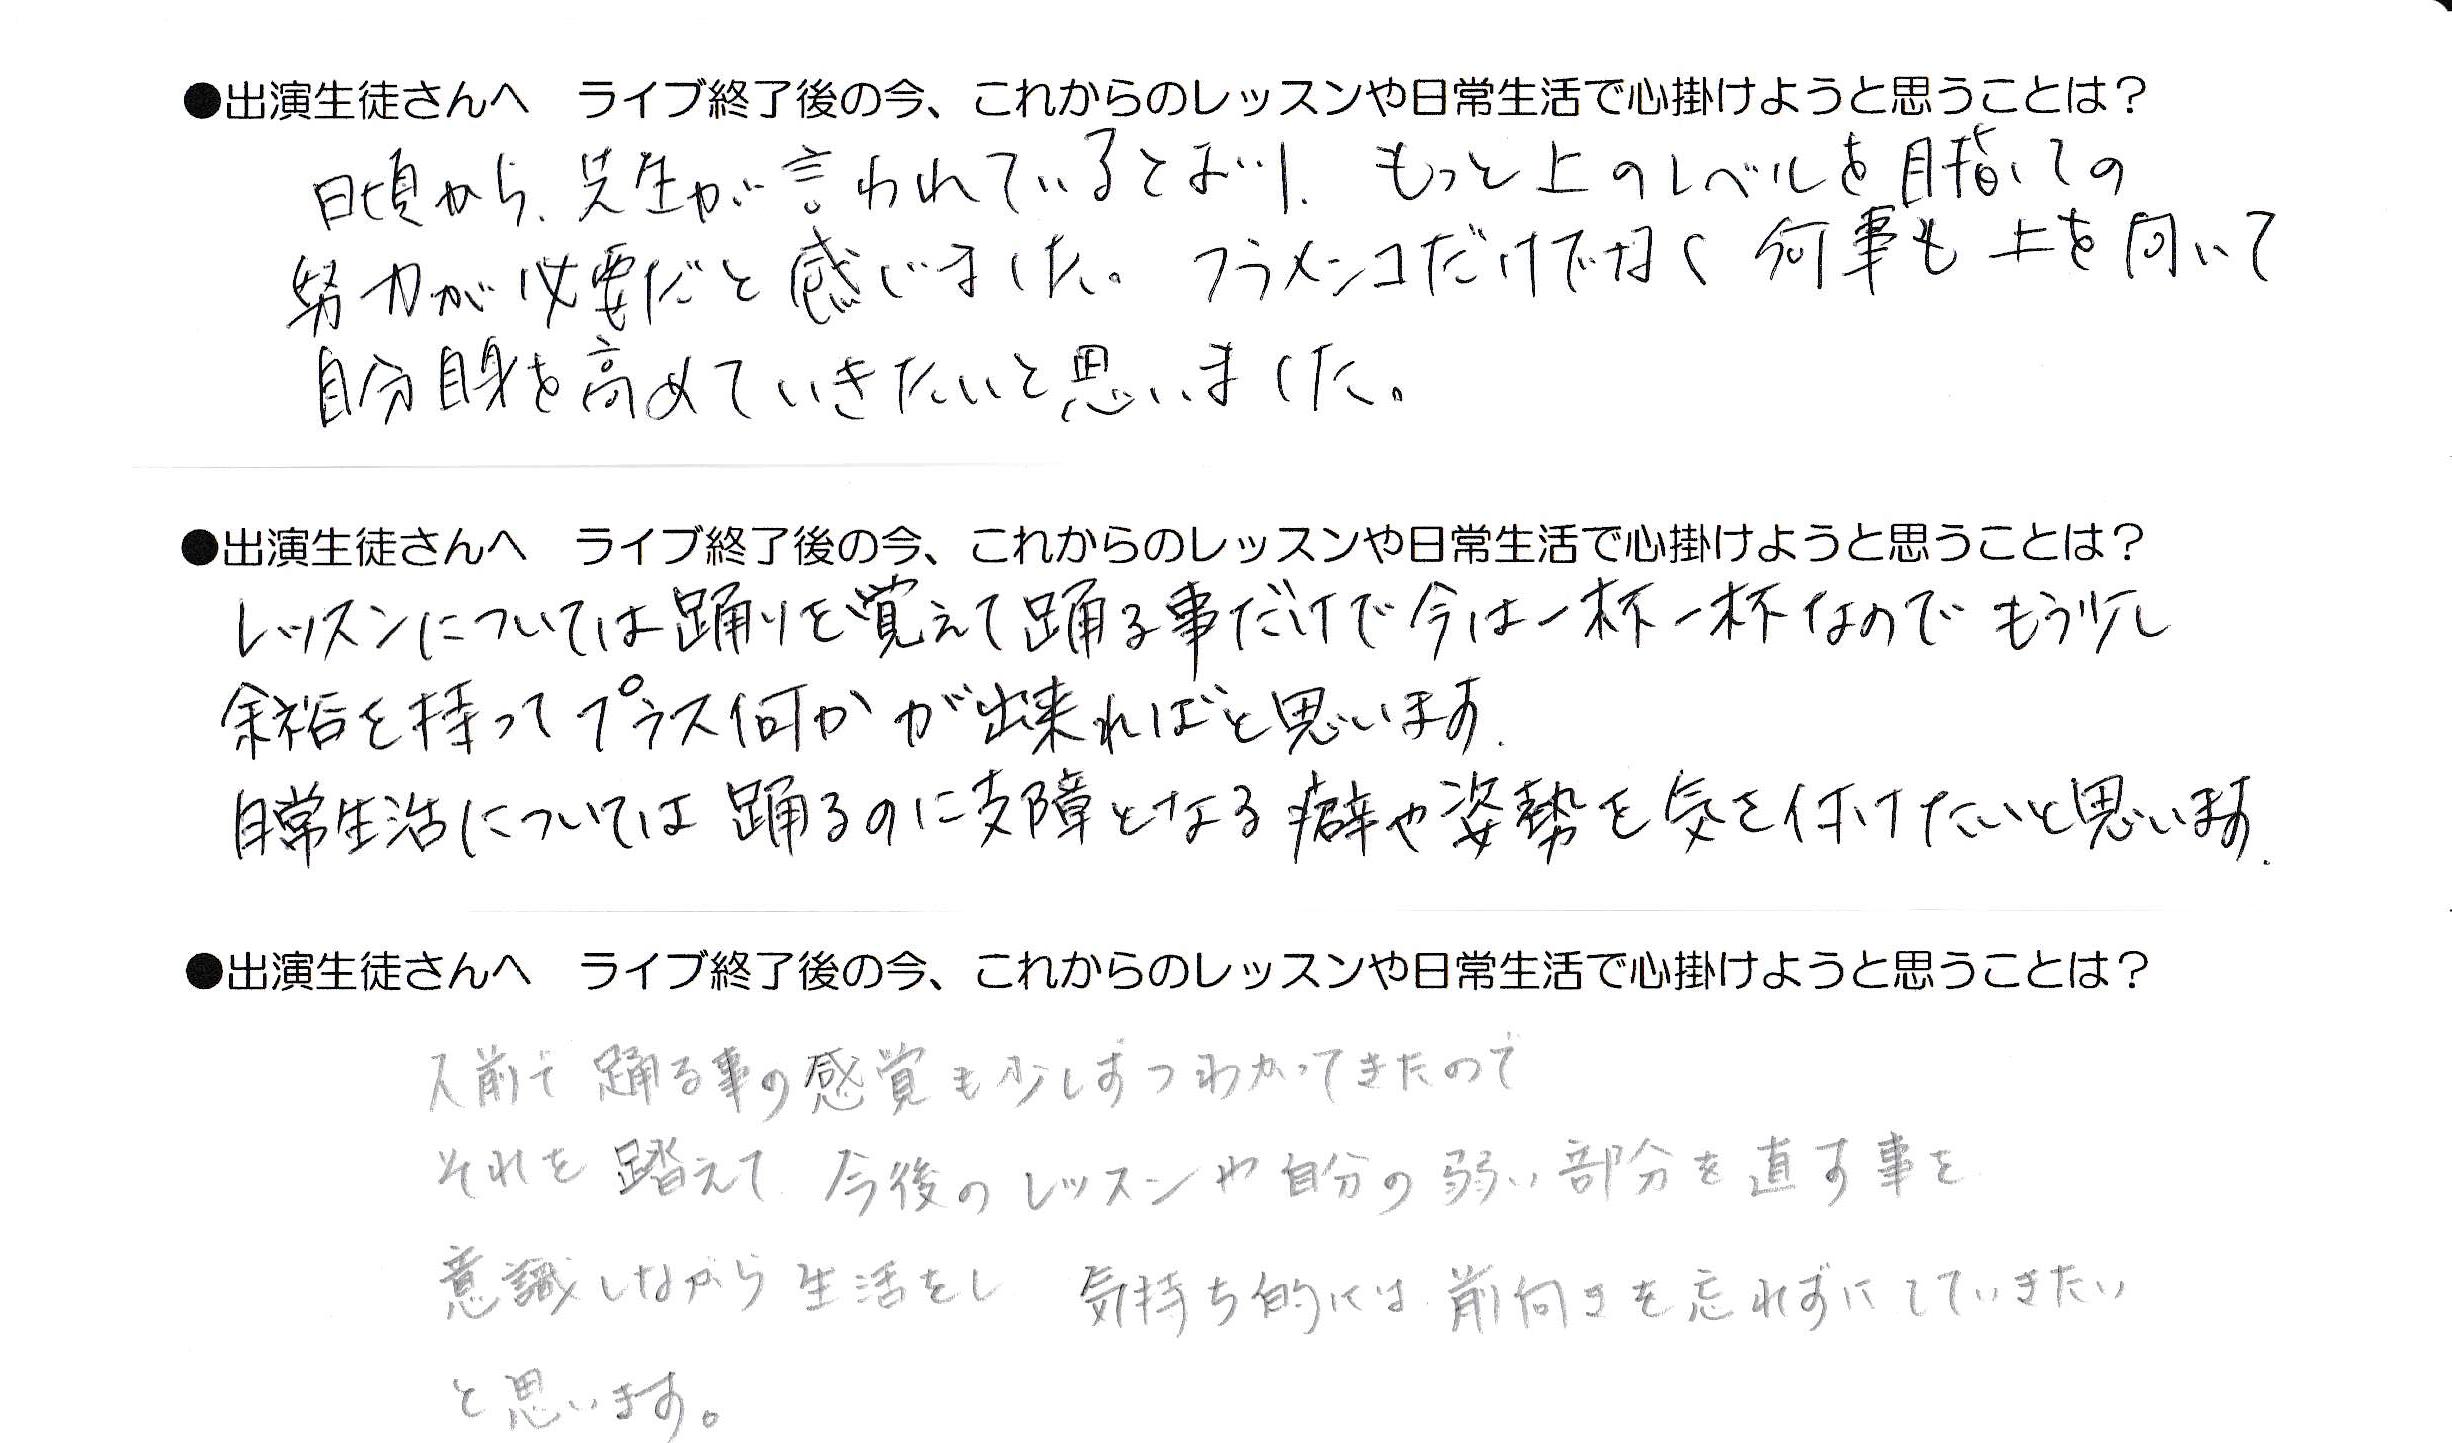 岡島久子フラメンコ教室イベント後アンケート(出演生徒の感想2)